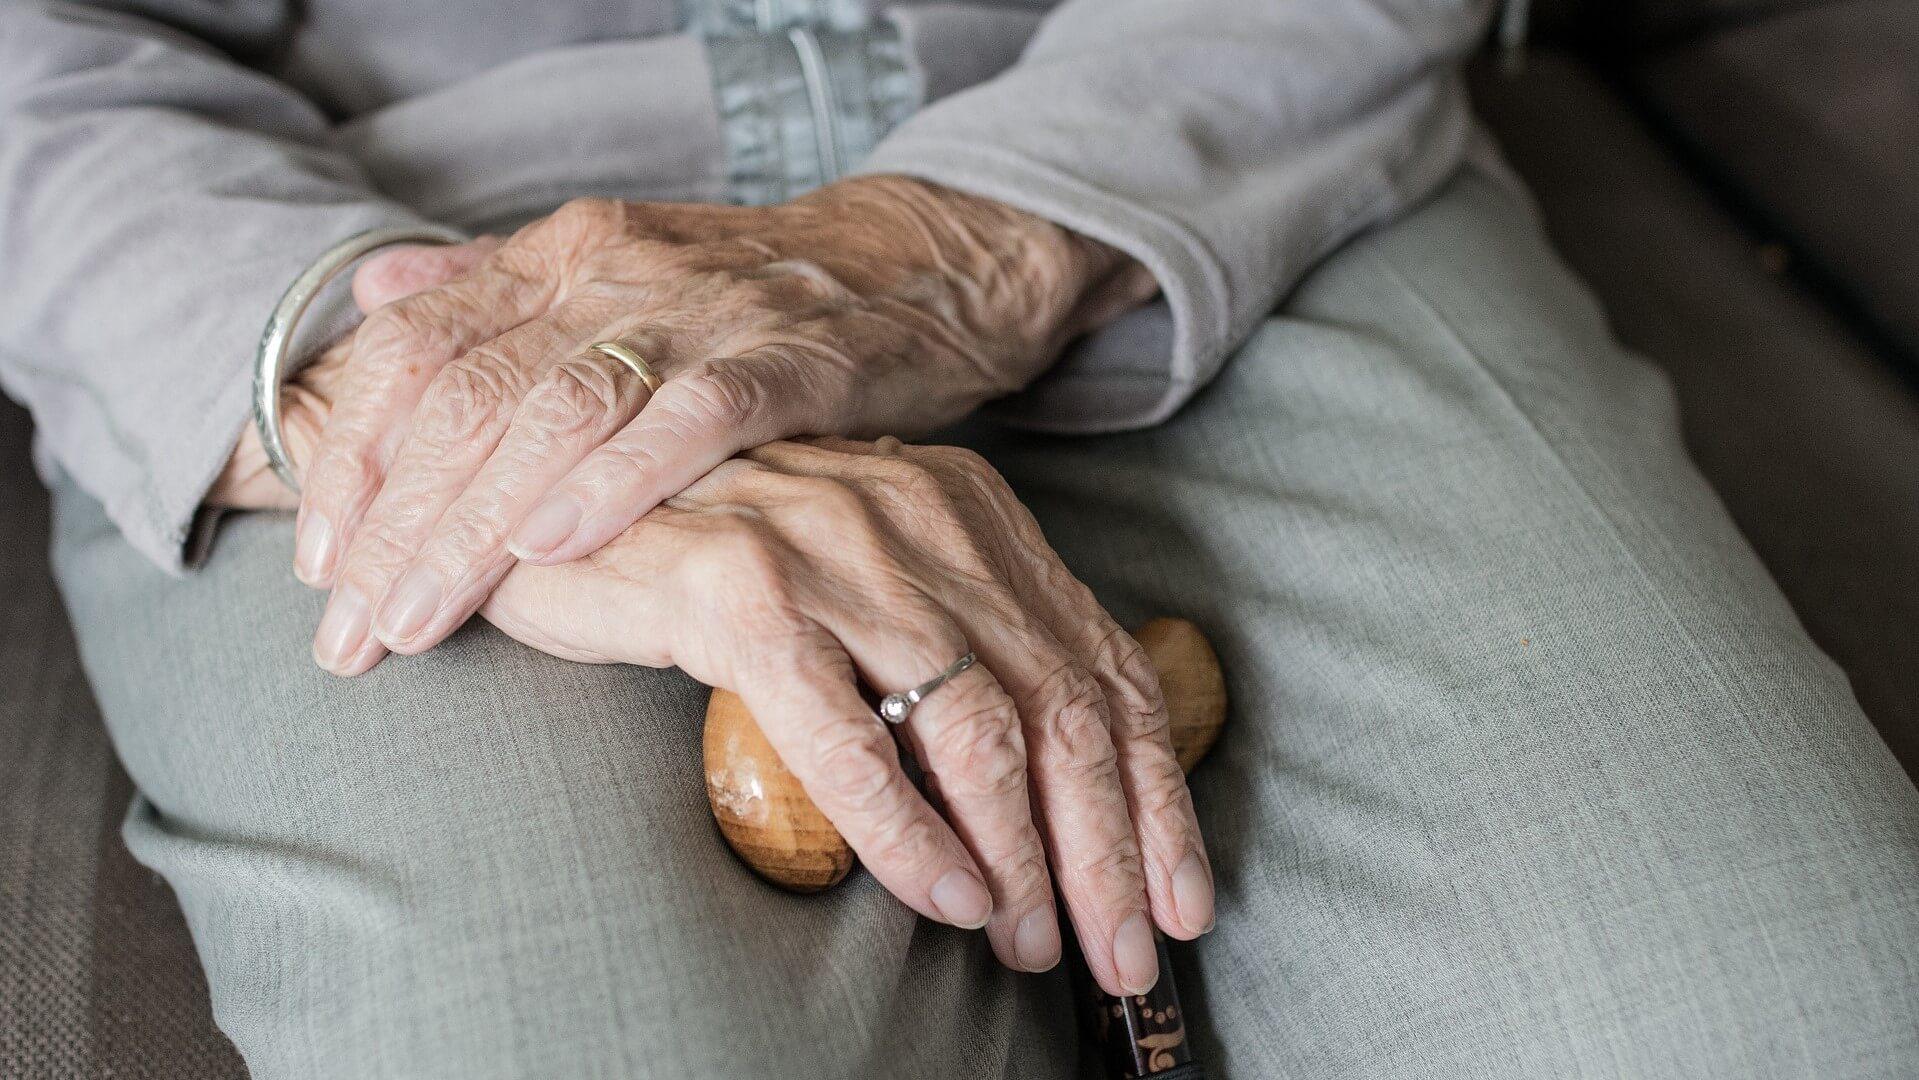 hands of an elderly woman